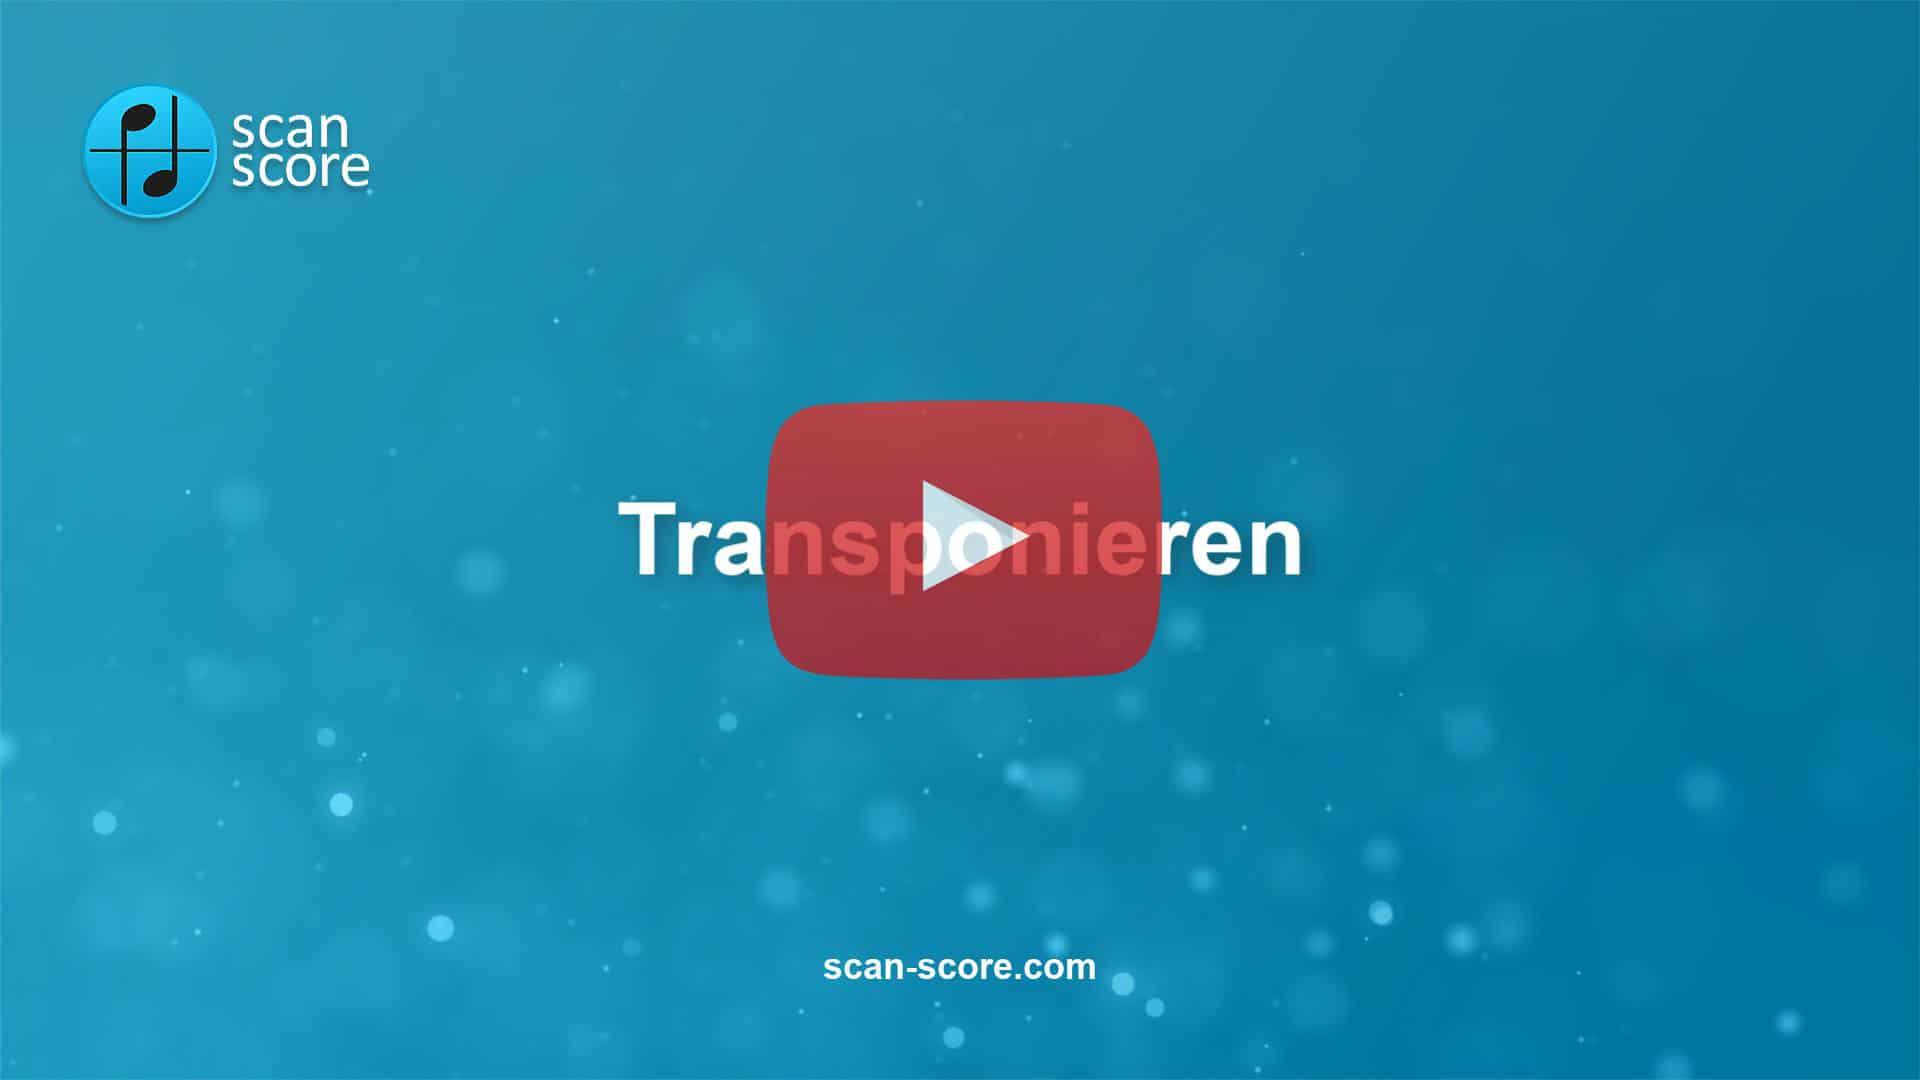 Transponieren